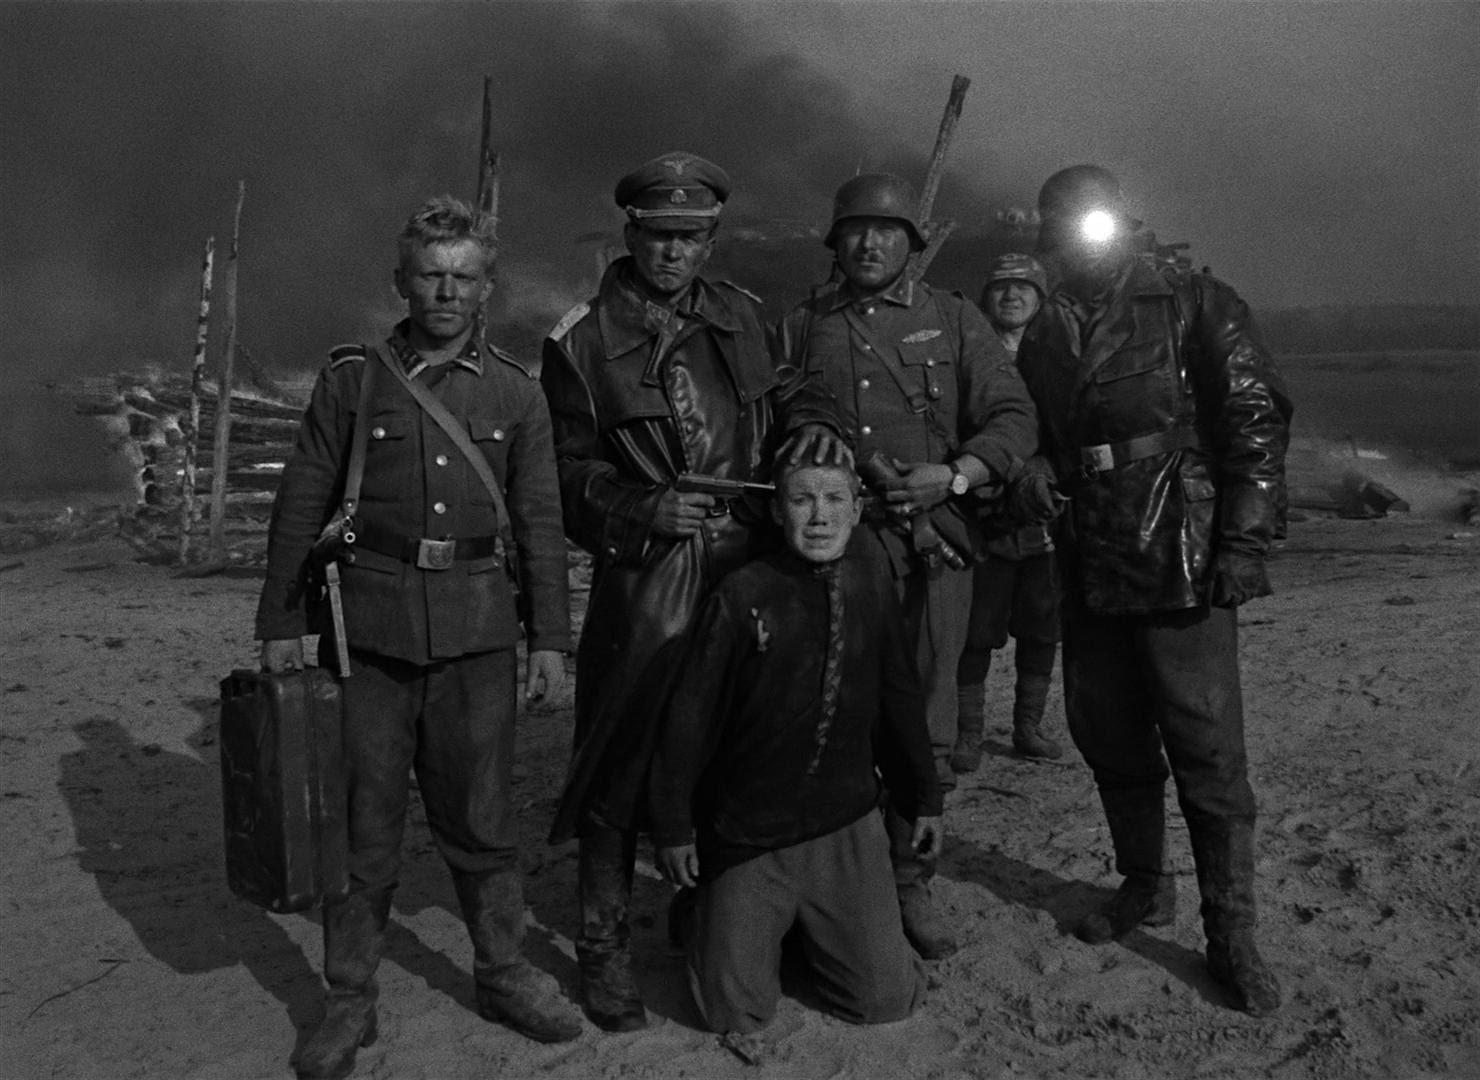 Rusia, poder y cine, muestra el esplendor y los contratiempos de un siglo de cine ruso